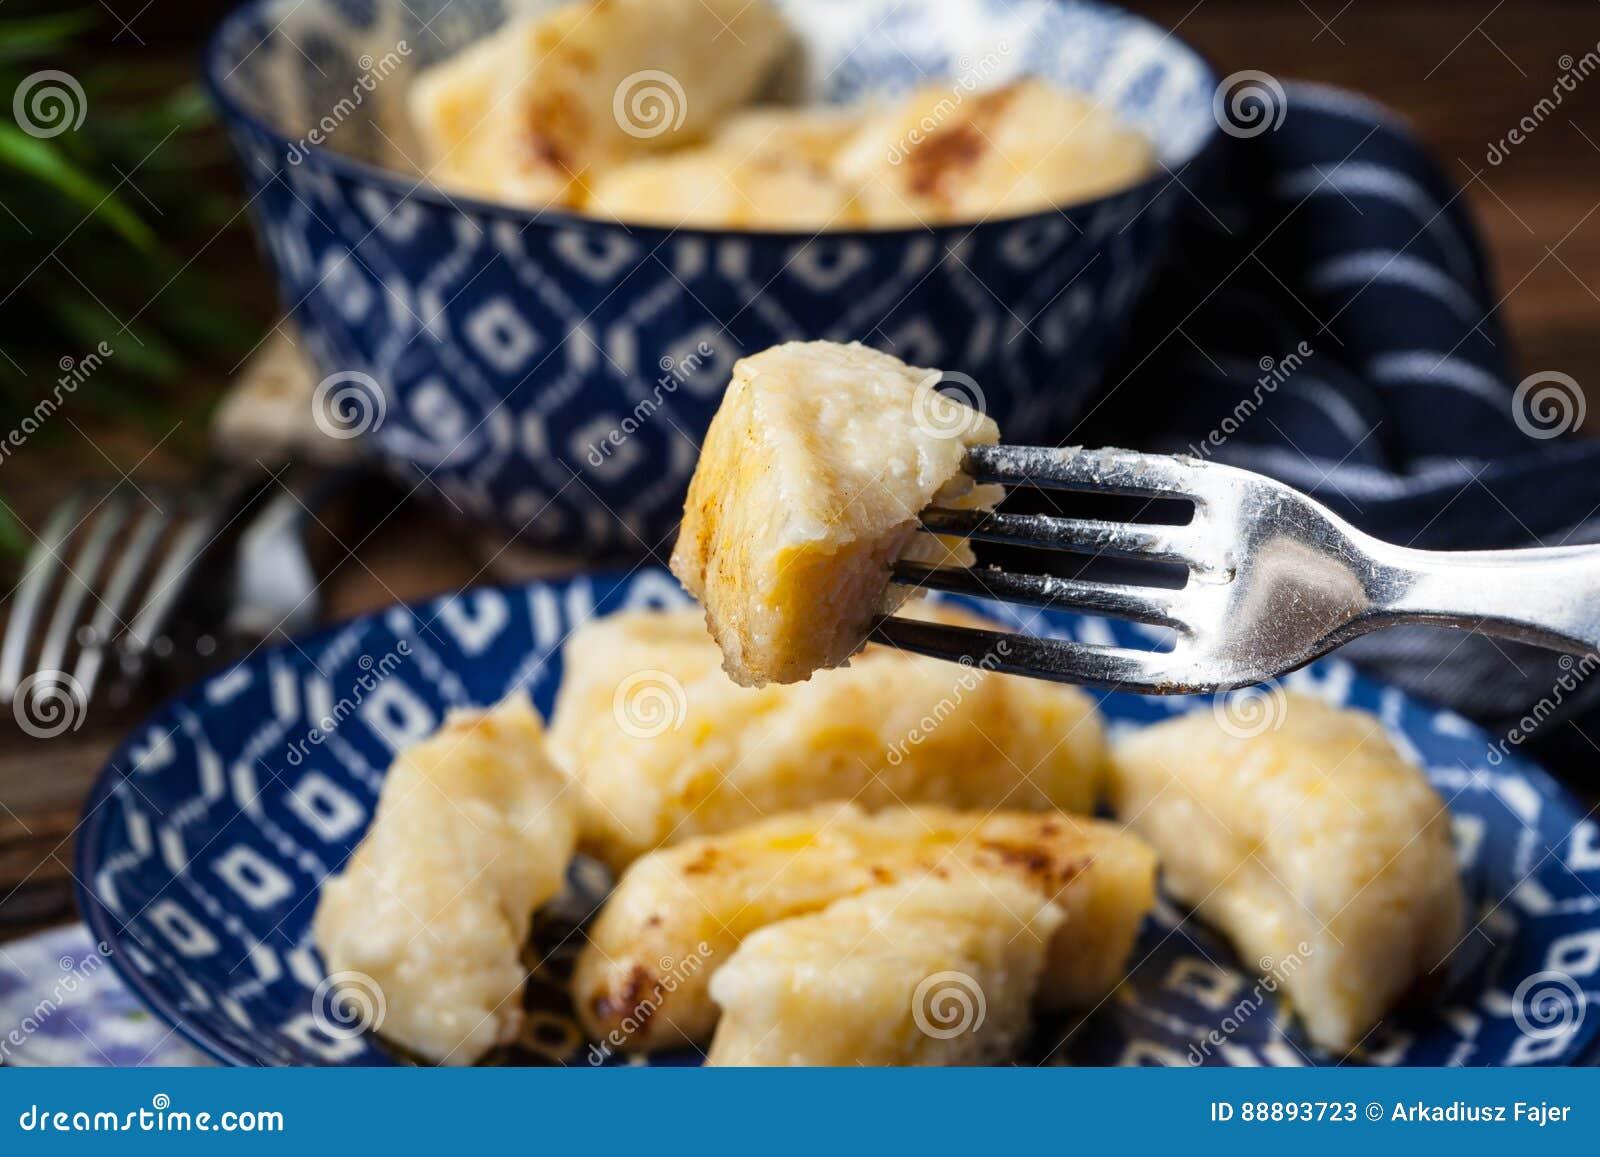 懒惰饺子用桂香和糖